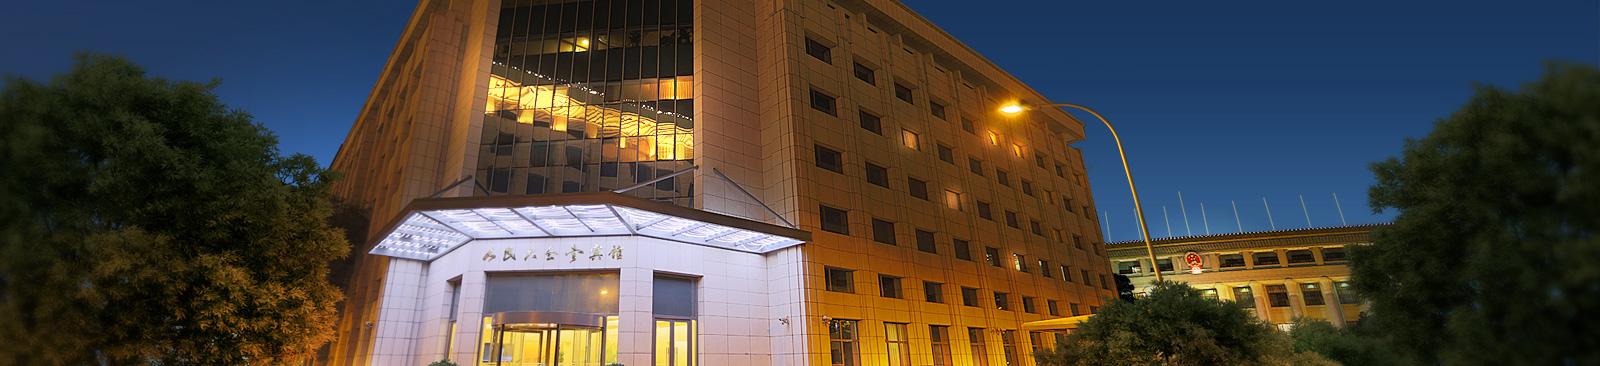 人民大会堂宾馆官方网站正式上线试运营